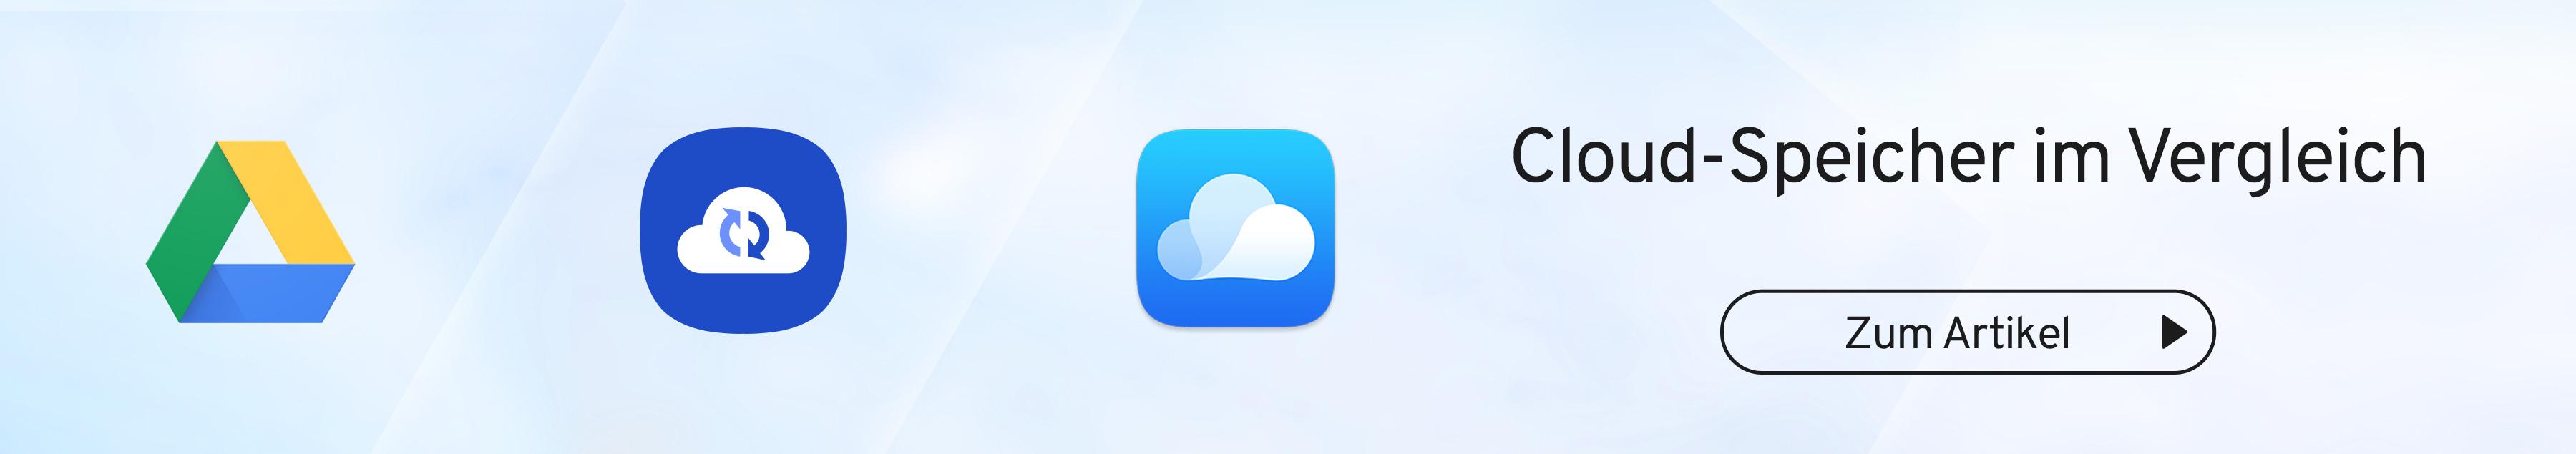 Cloud Speicher im Vergleich